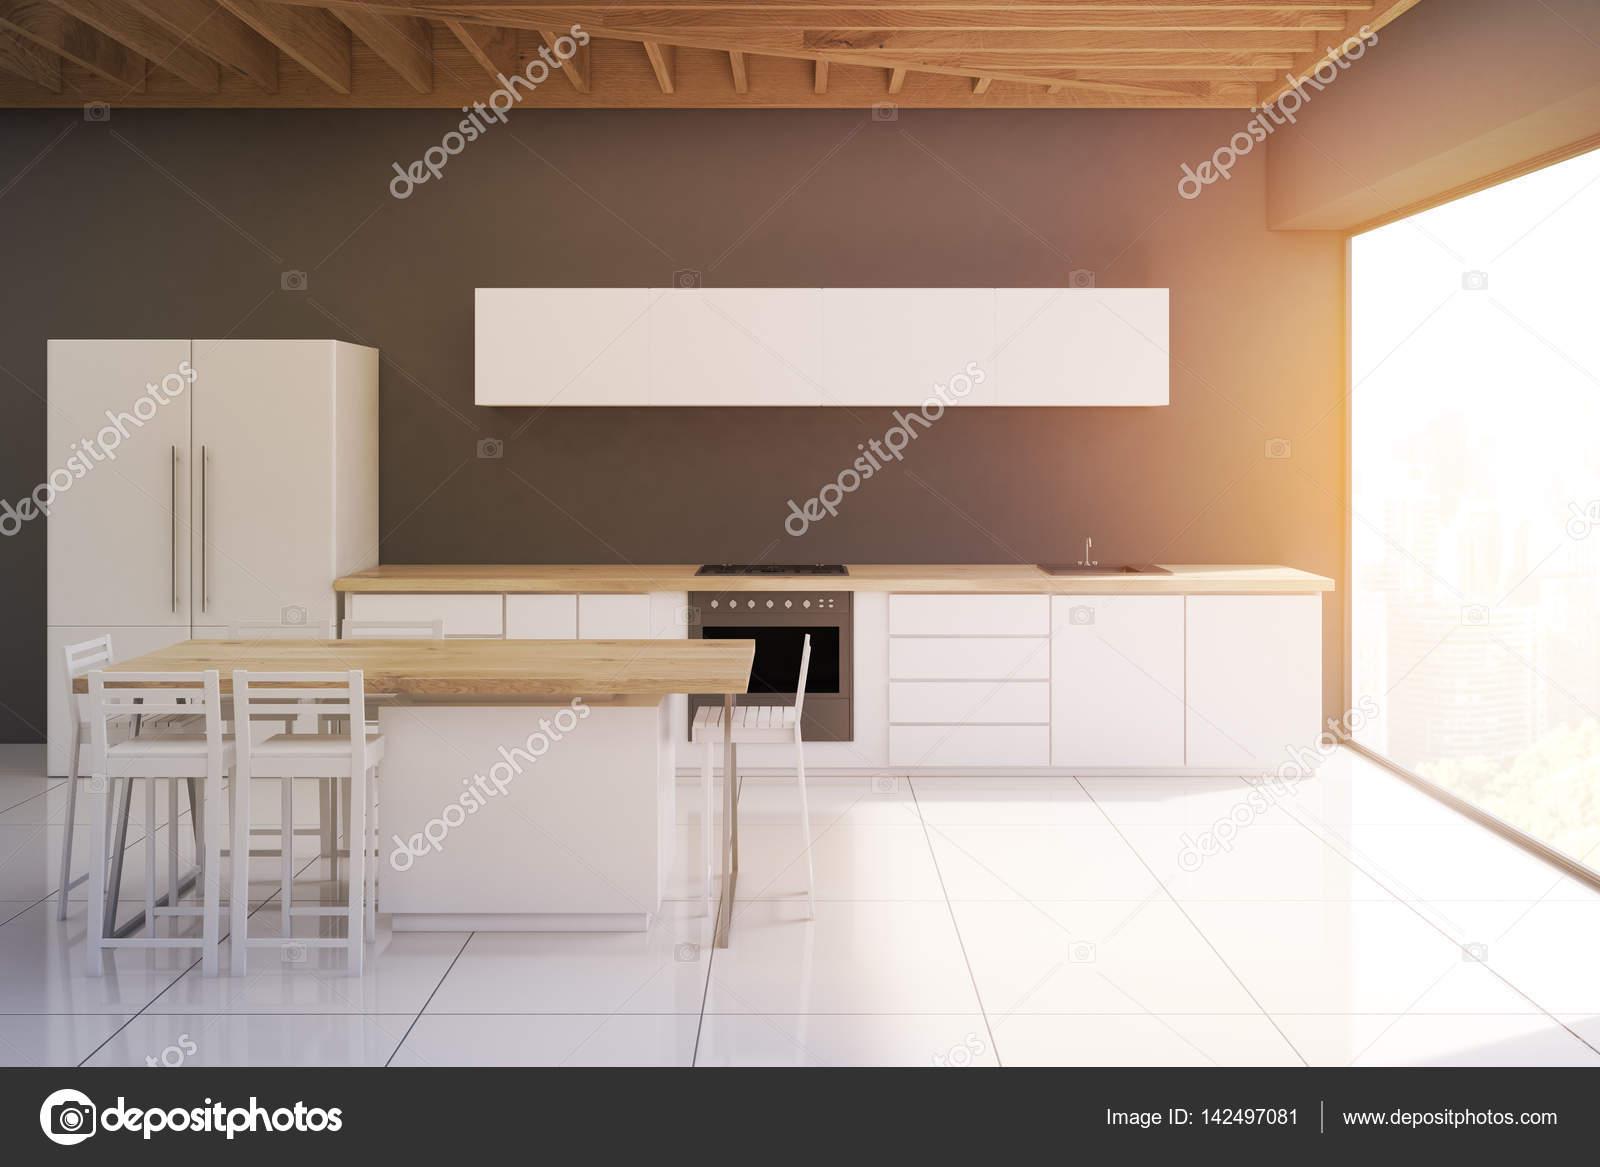 Cozinha Com Fezes E Quadro Estreito Em Tons Stock Photo